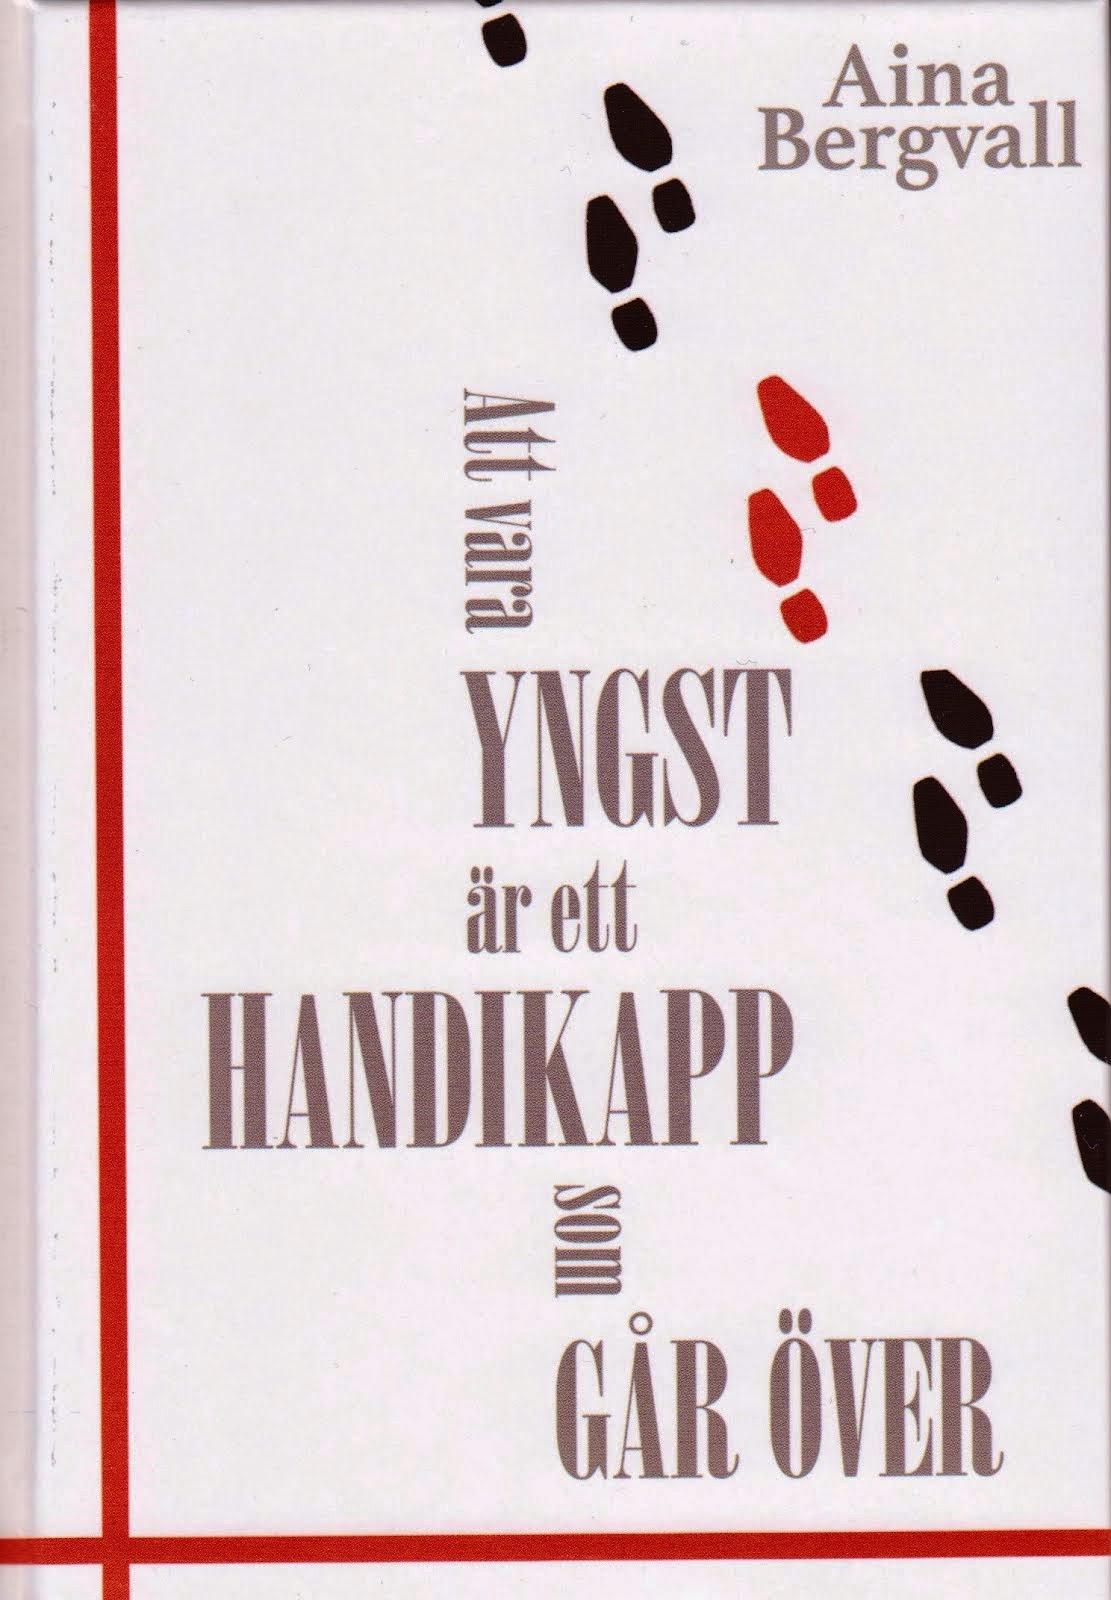 TIDIGARE PUBLICERAD